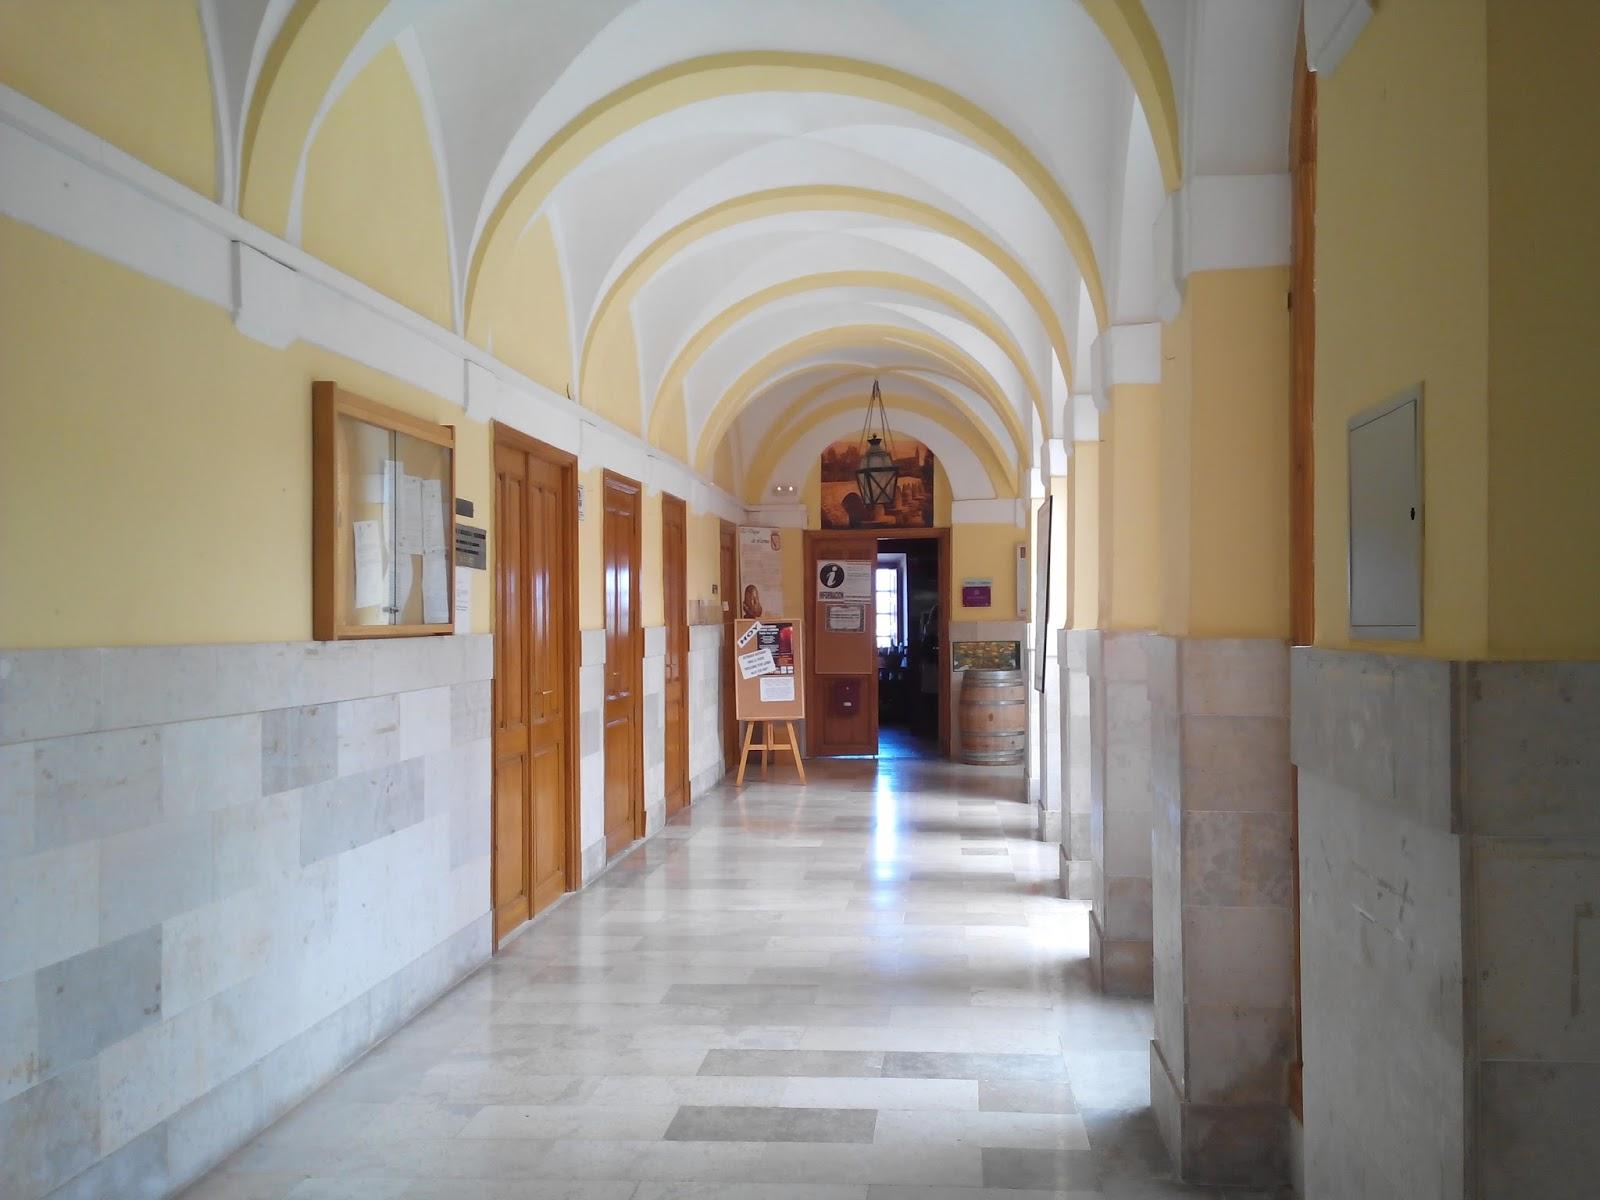 Taller de vivencias burgos lerma for Oficina turismo burgos